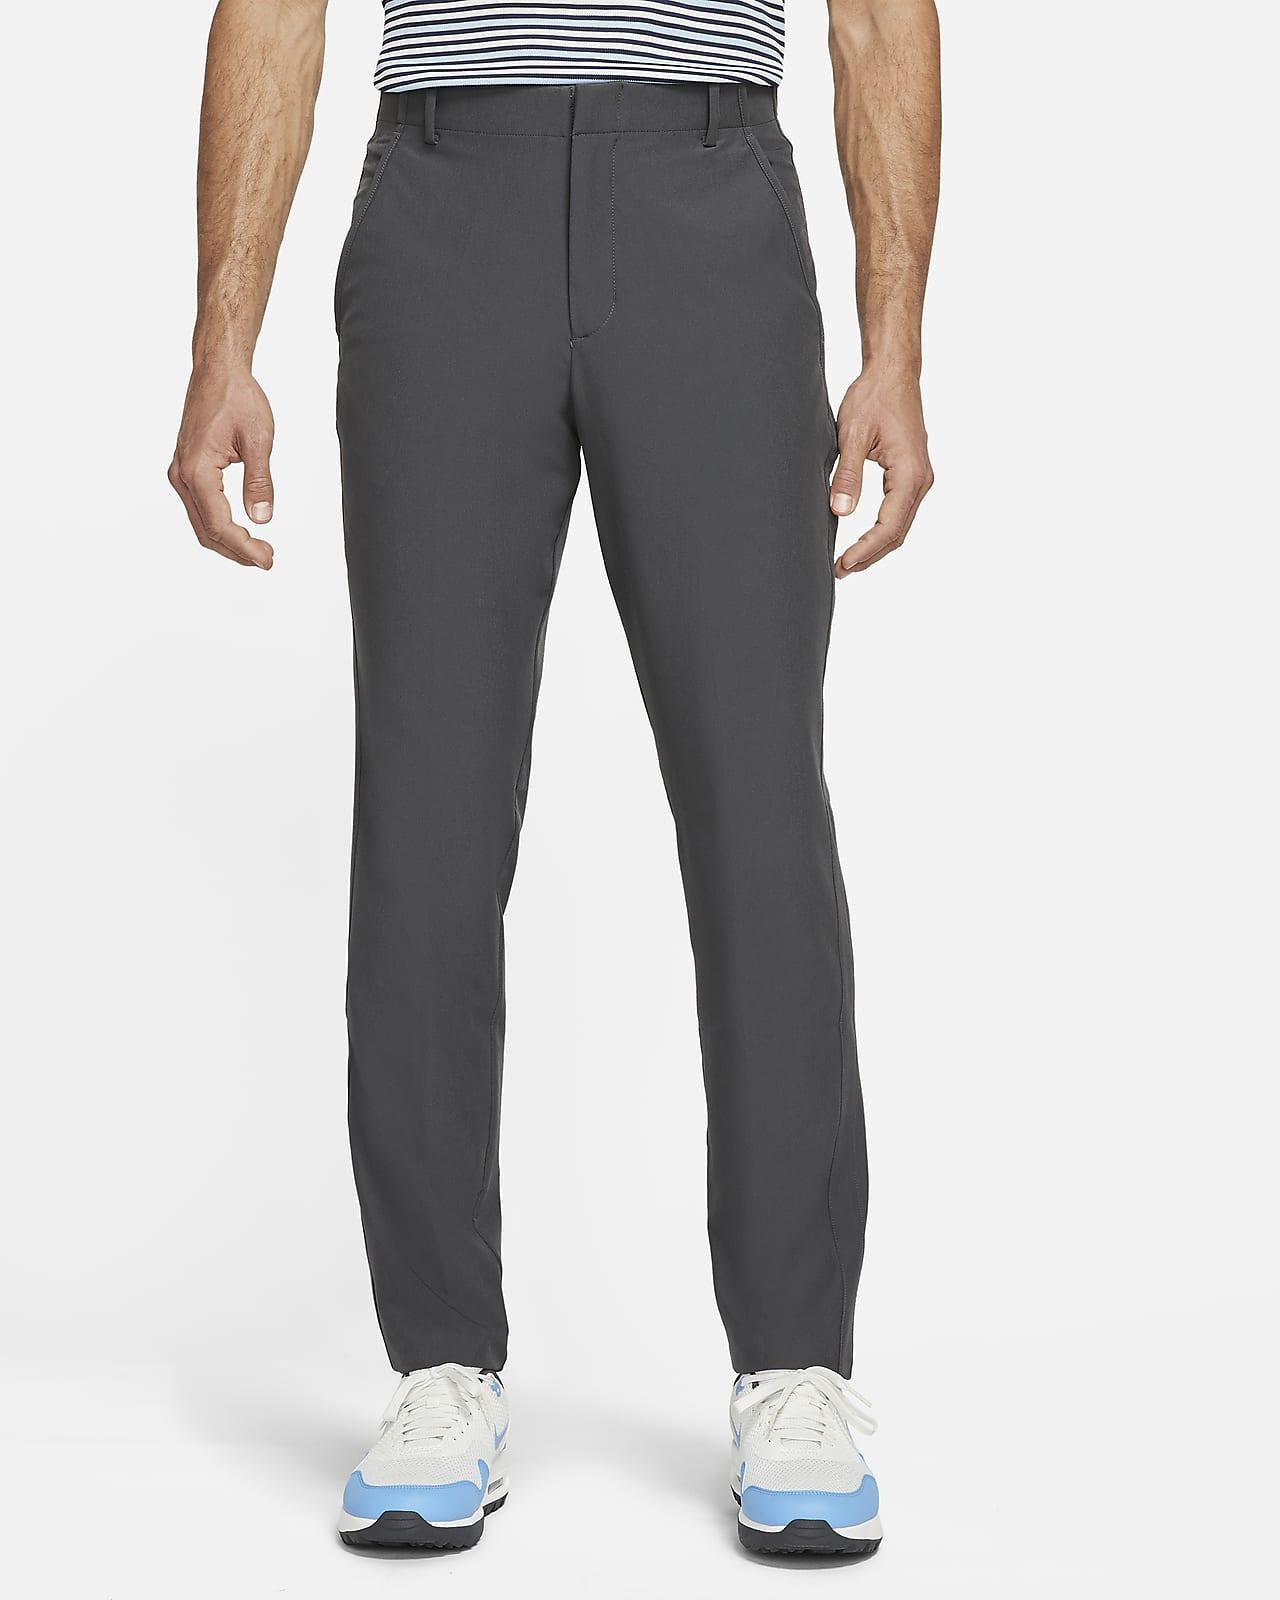 Nike Dri-FIT Vapor Pantalón de golf de ajuste entallado - Hombre